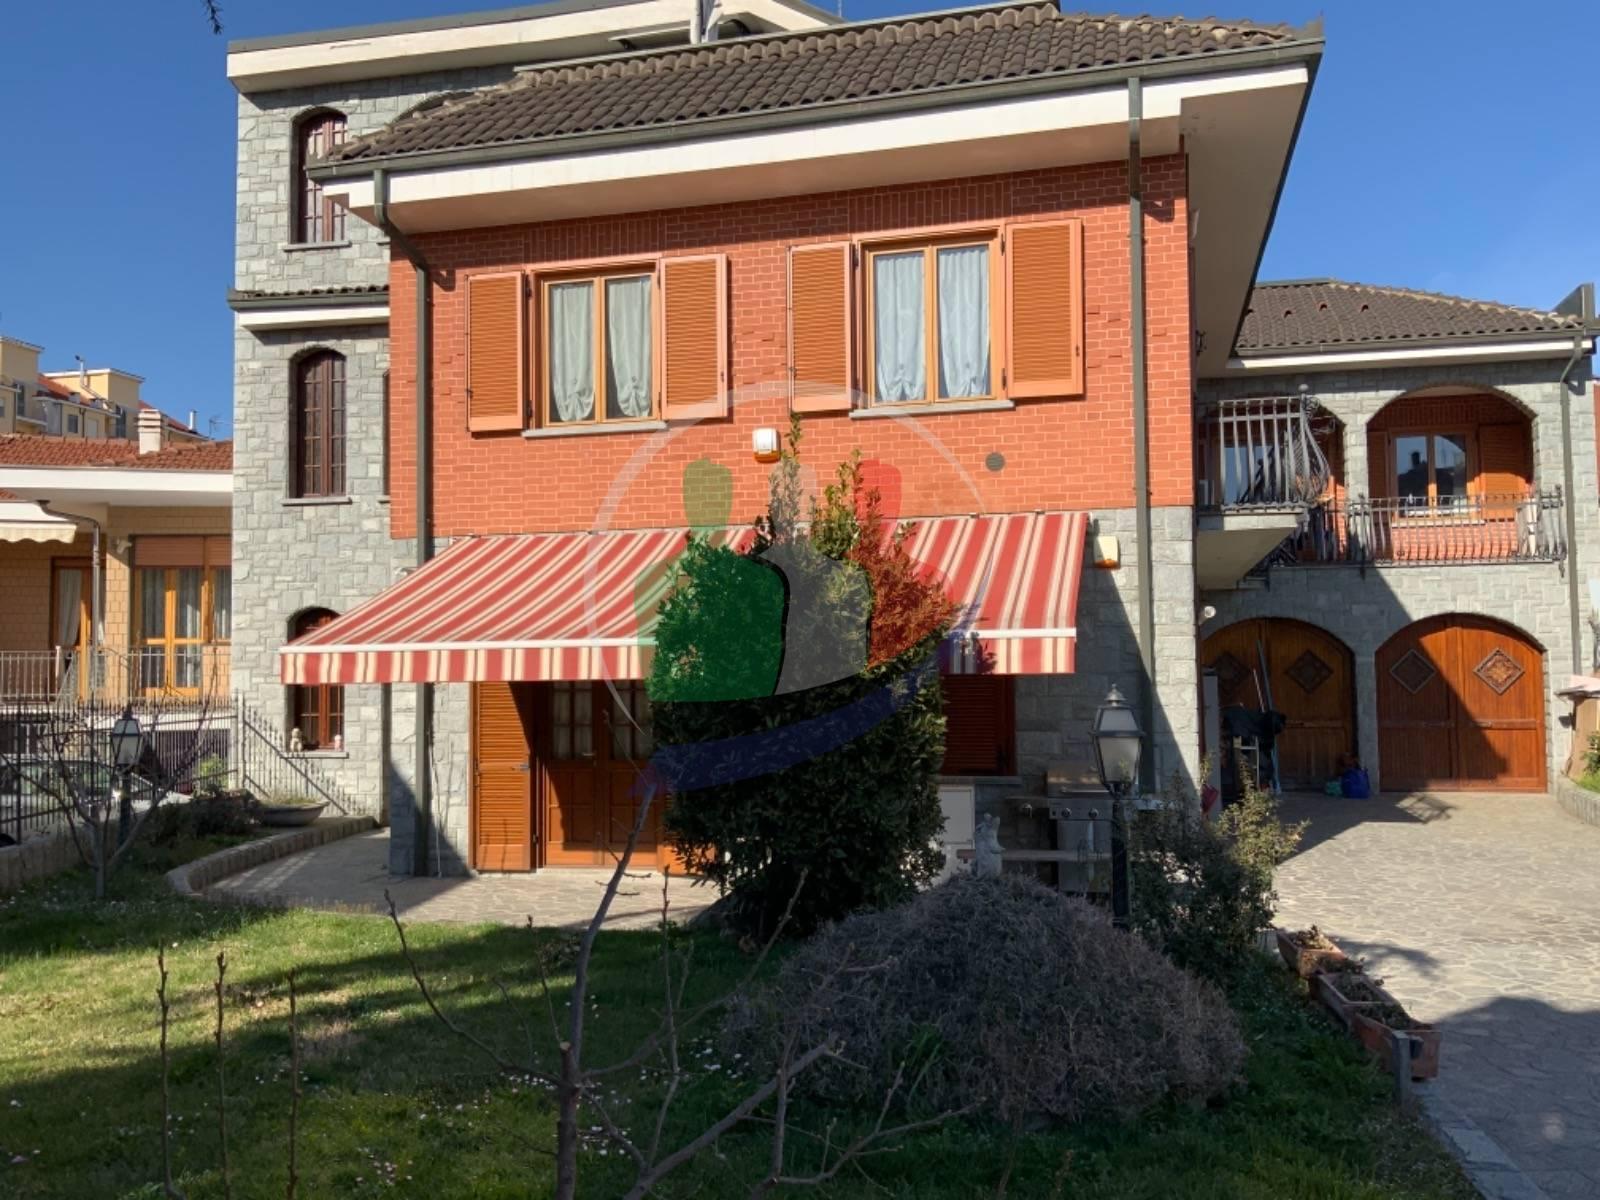 Appartamento in vendita a Nichelino, 3 locali, prezzo € 245.000 | PortaleAgenzieImmobiliari.it